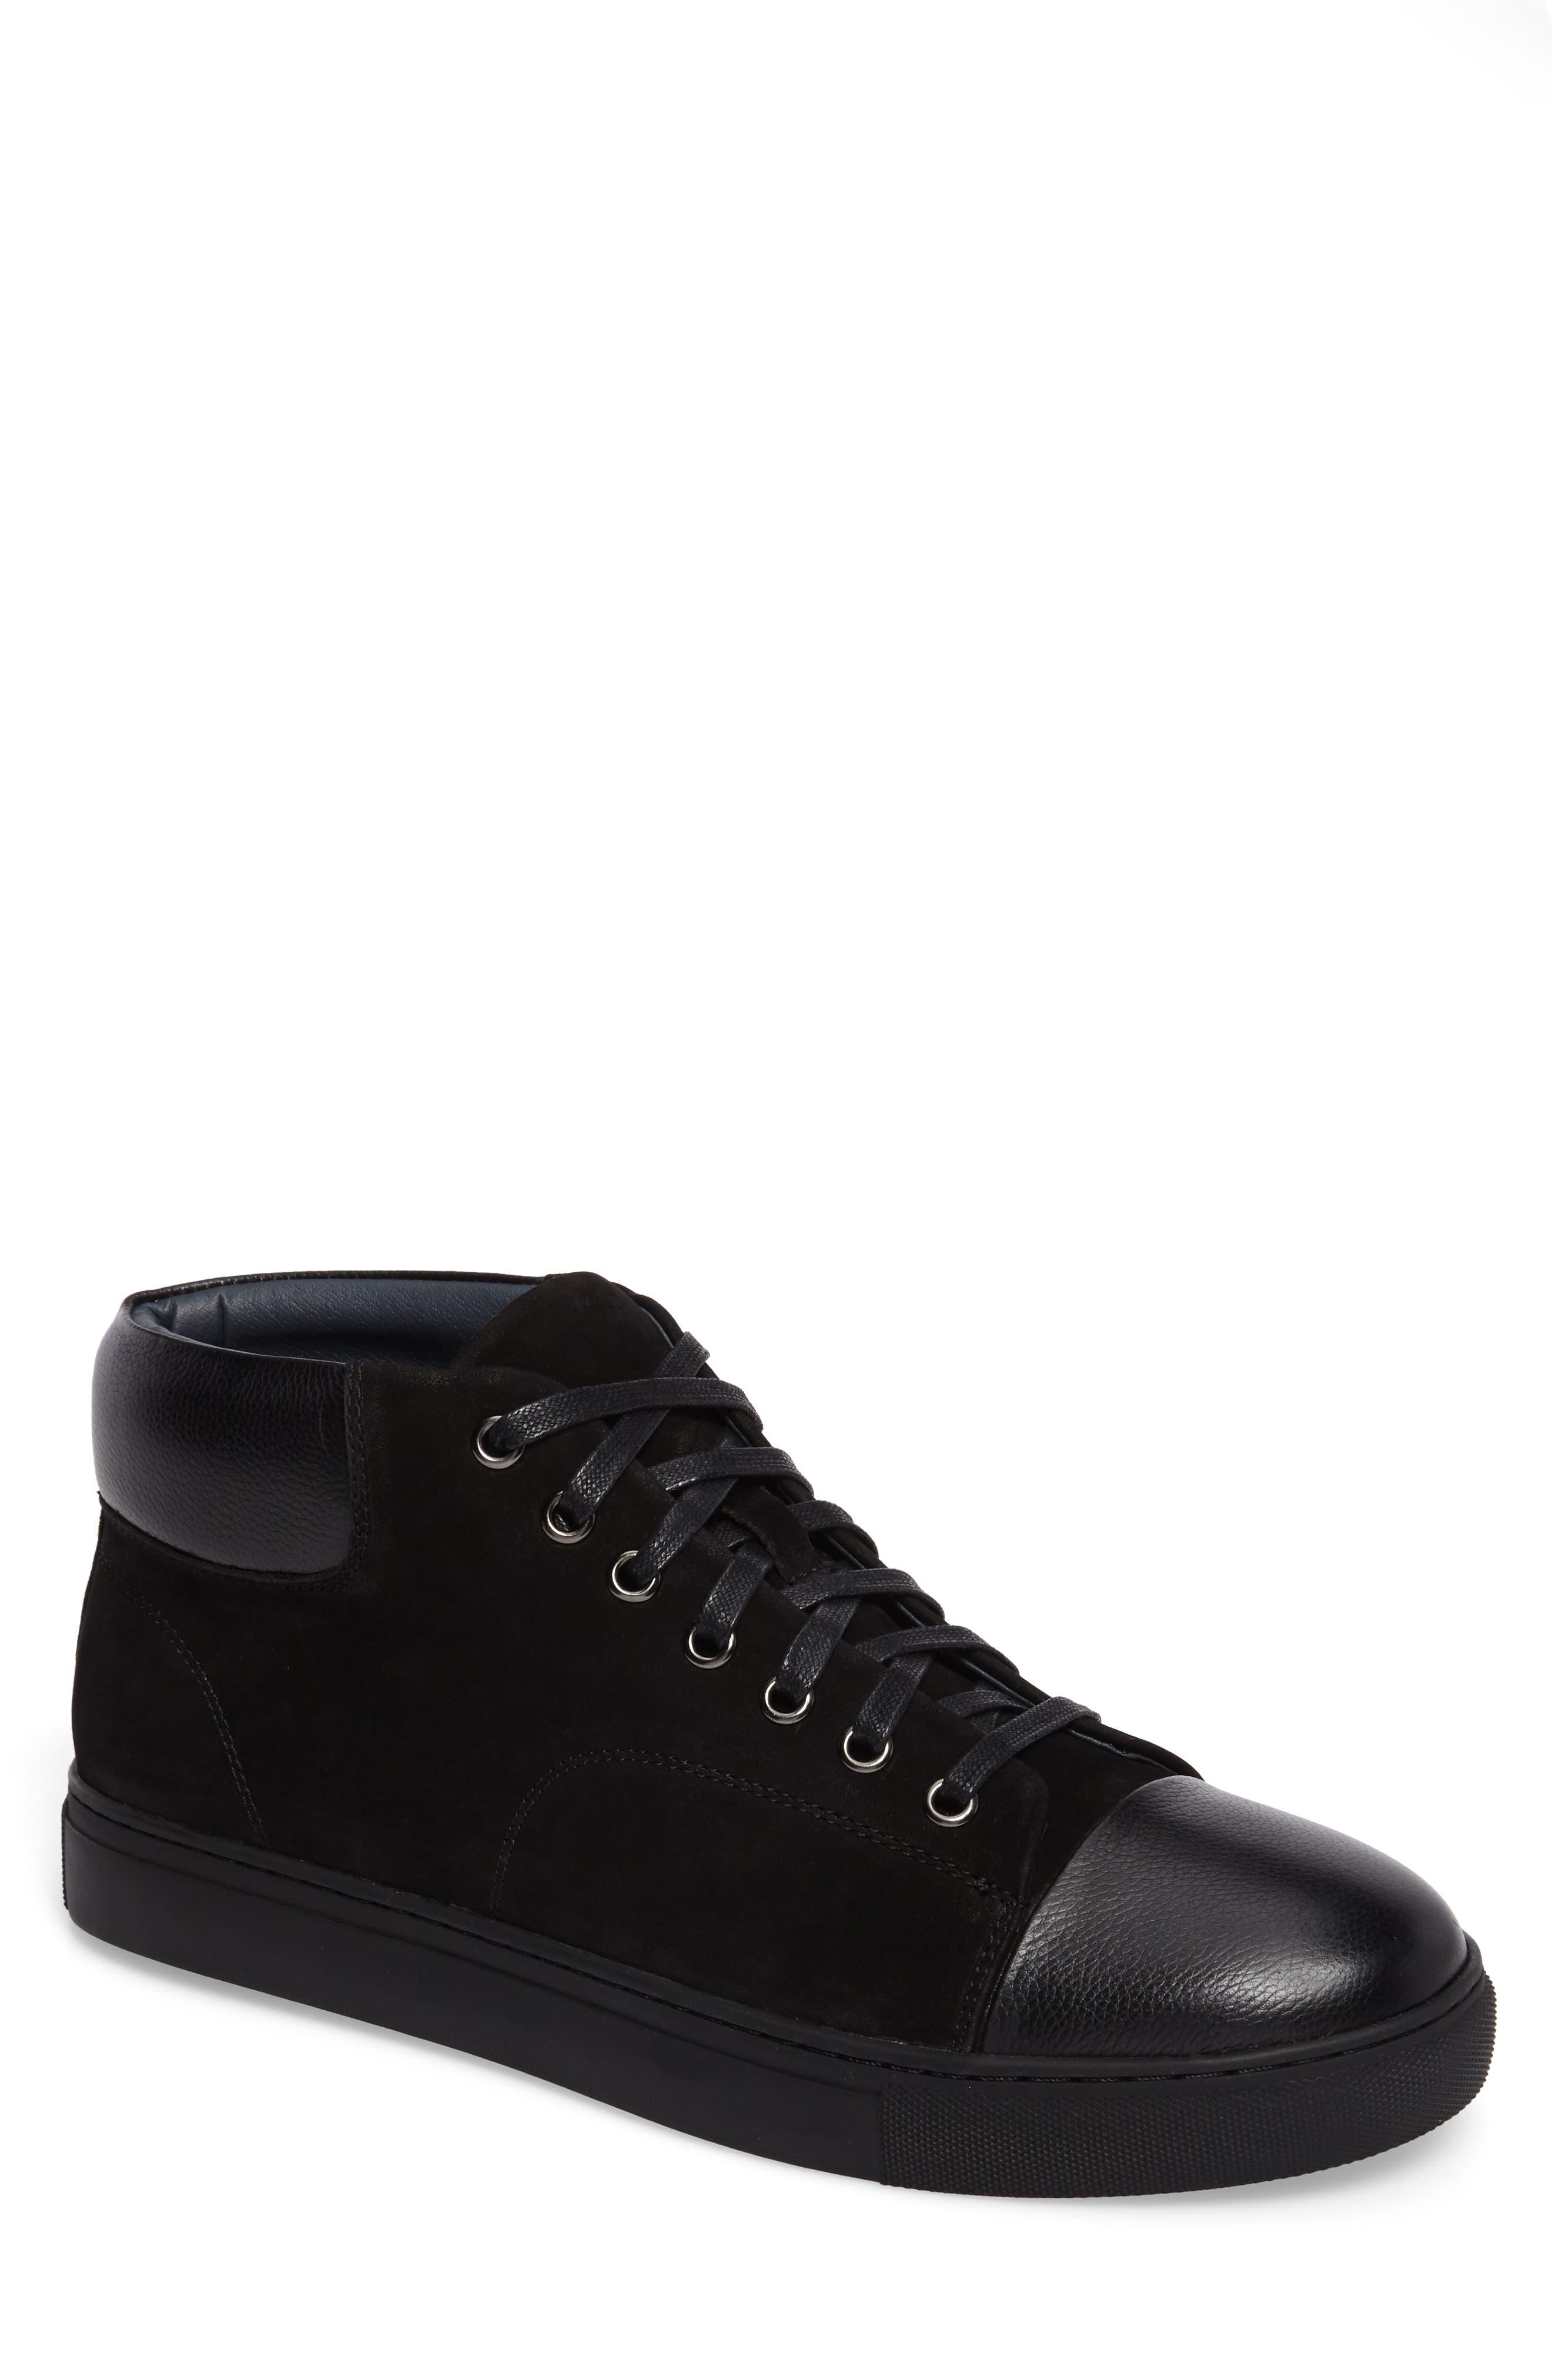 Landseer Sneaker,                         Main,                         color, 001